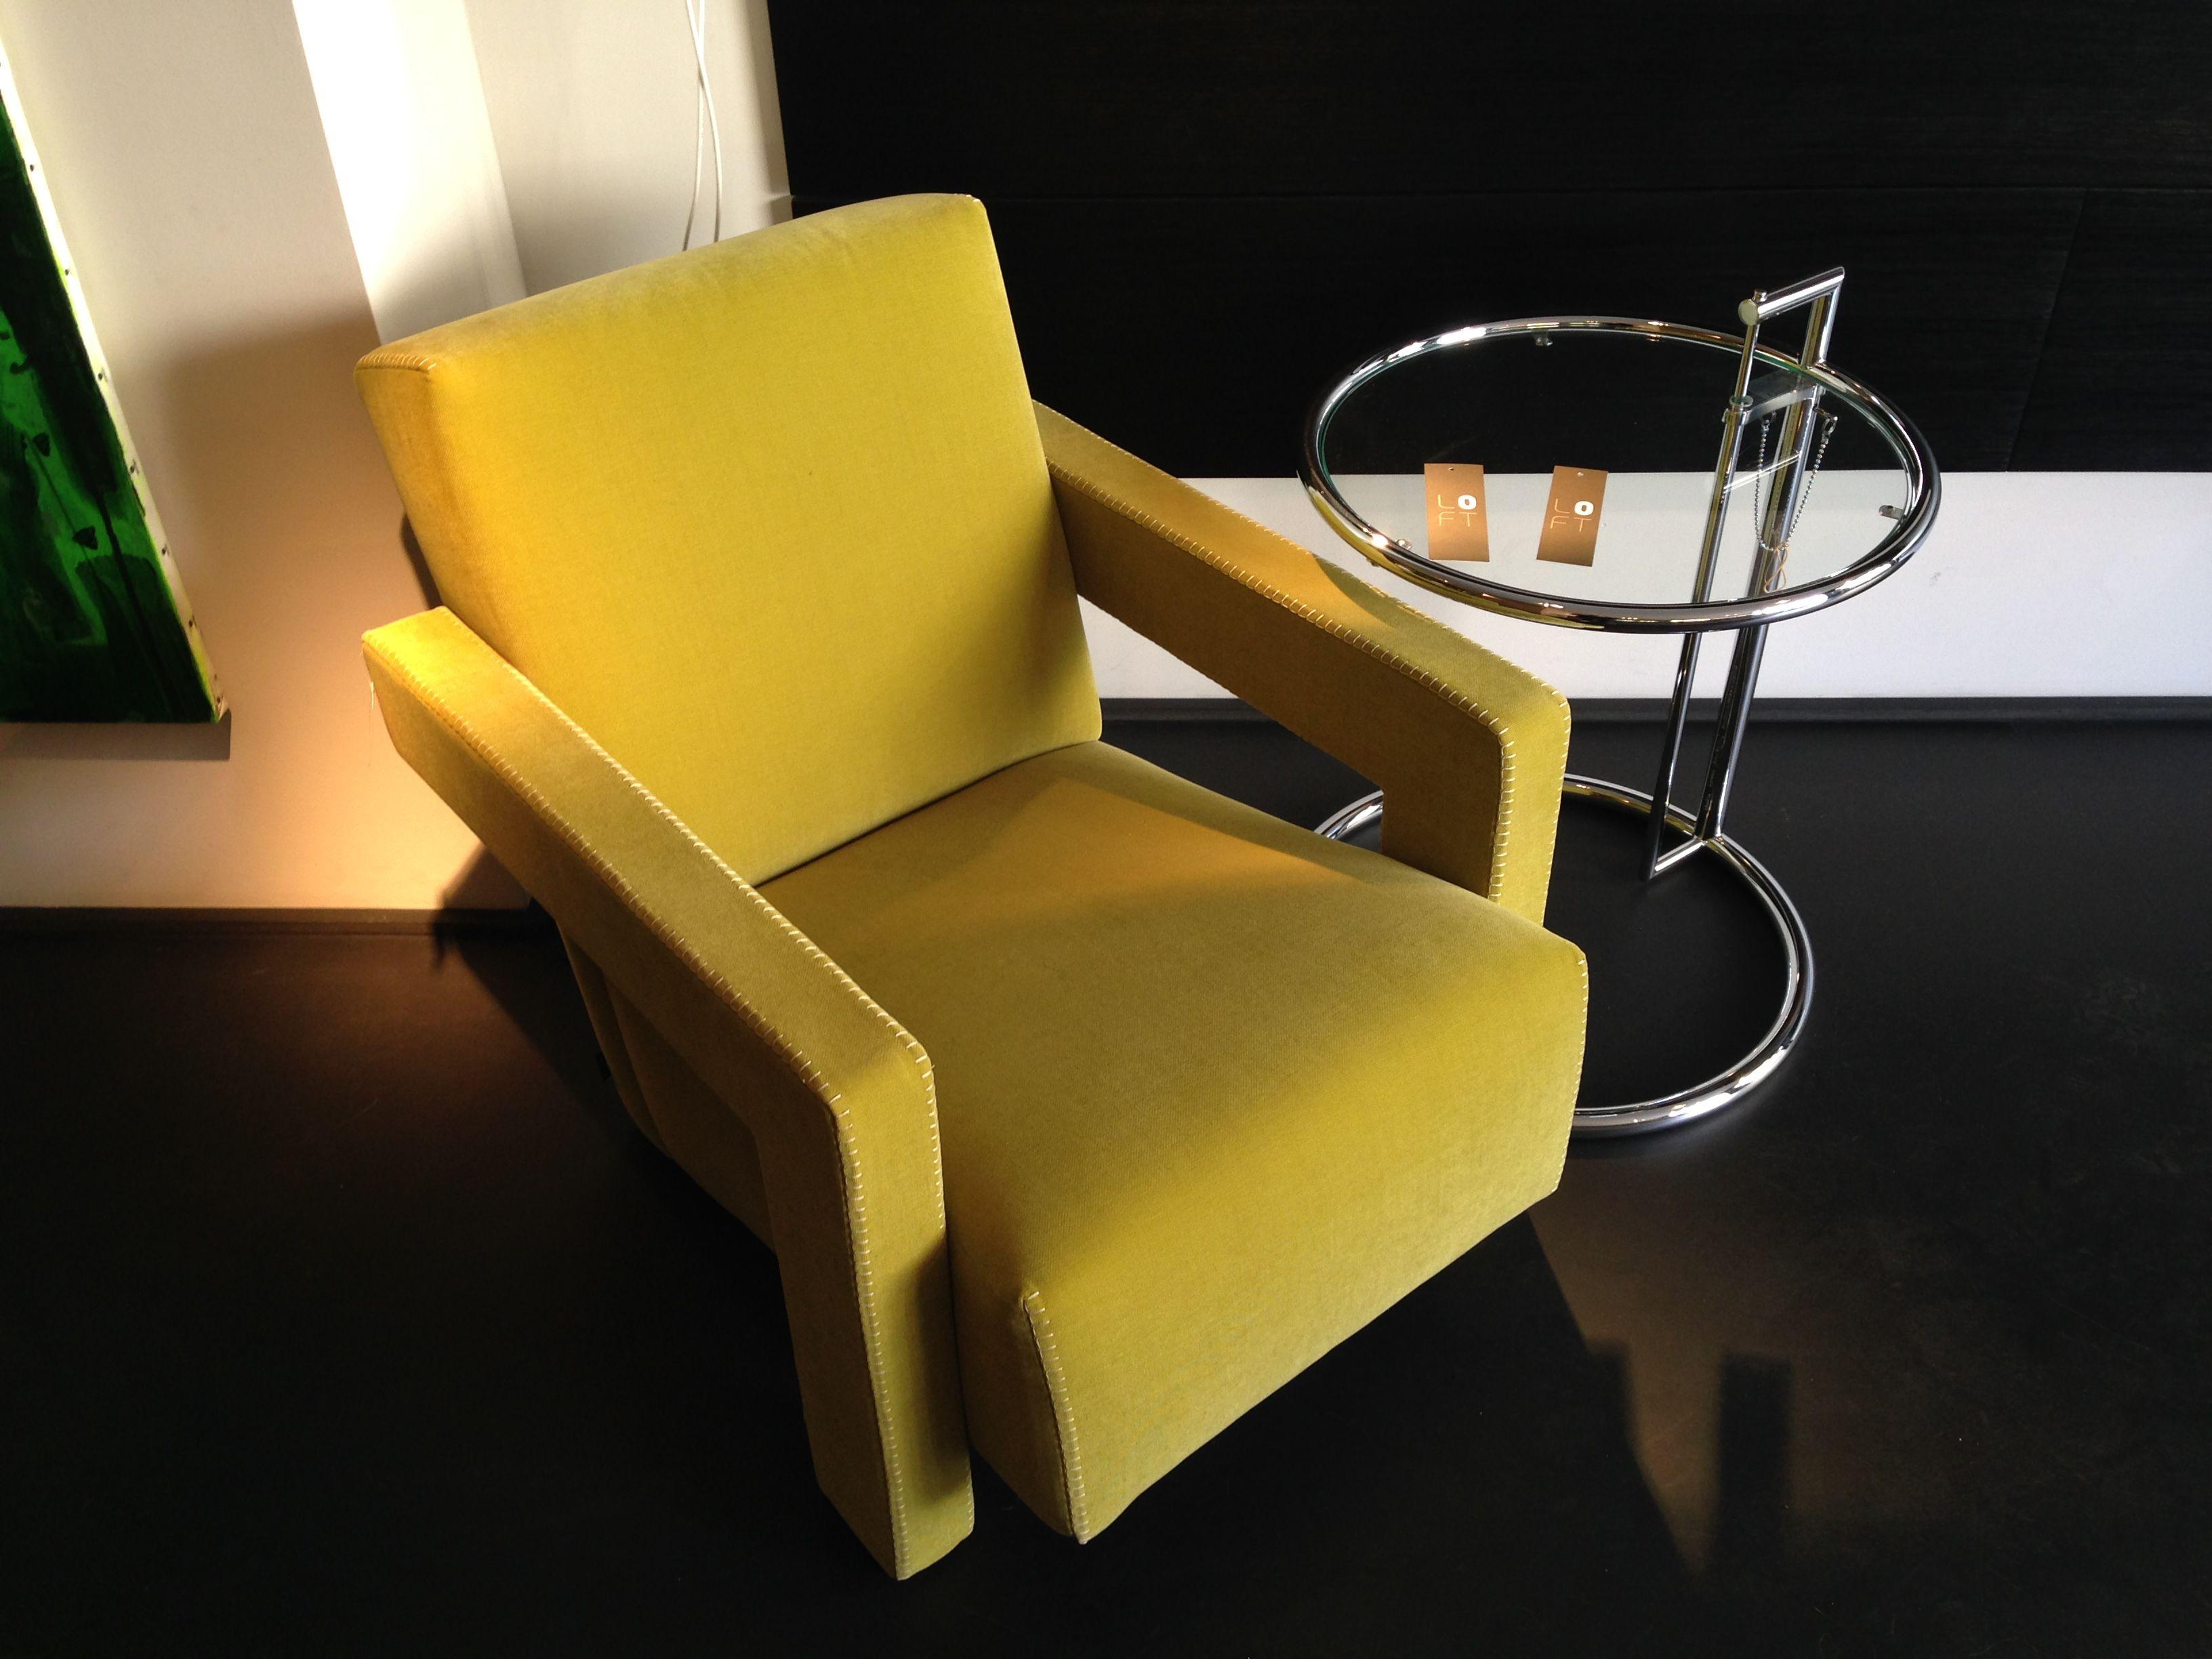 Fauteuil utrecht design g rietveld cassina shopping pinterest utrech - Fauteuil bubble chair ...